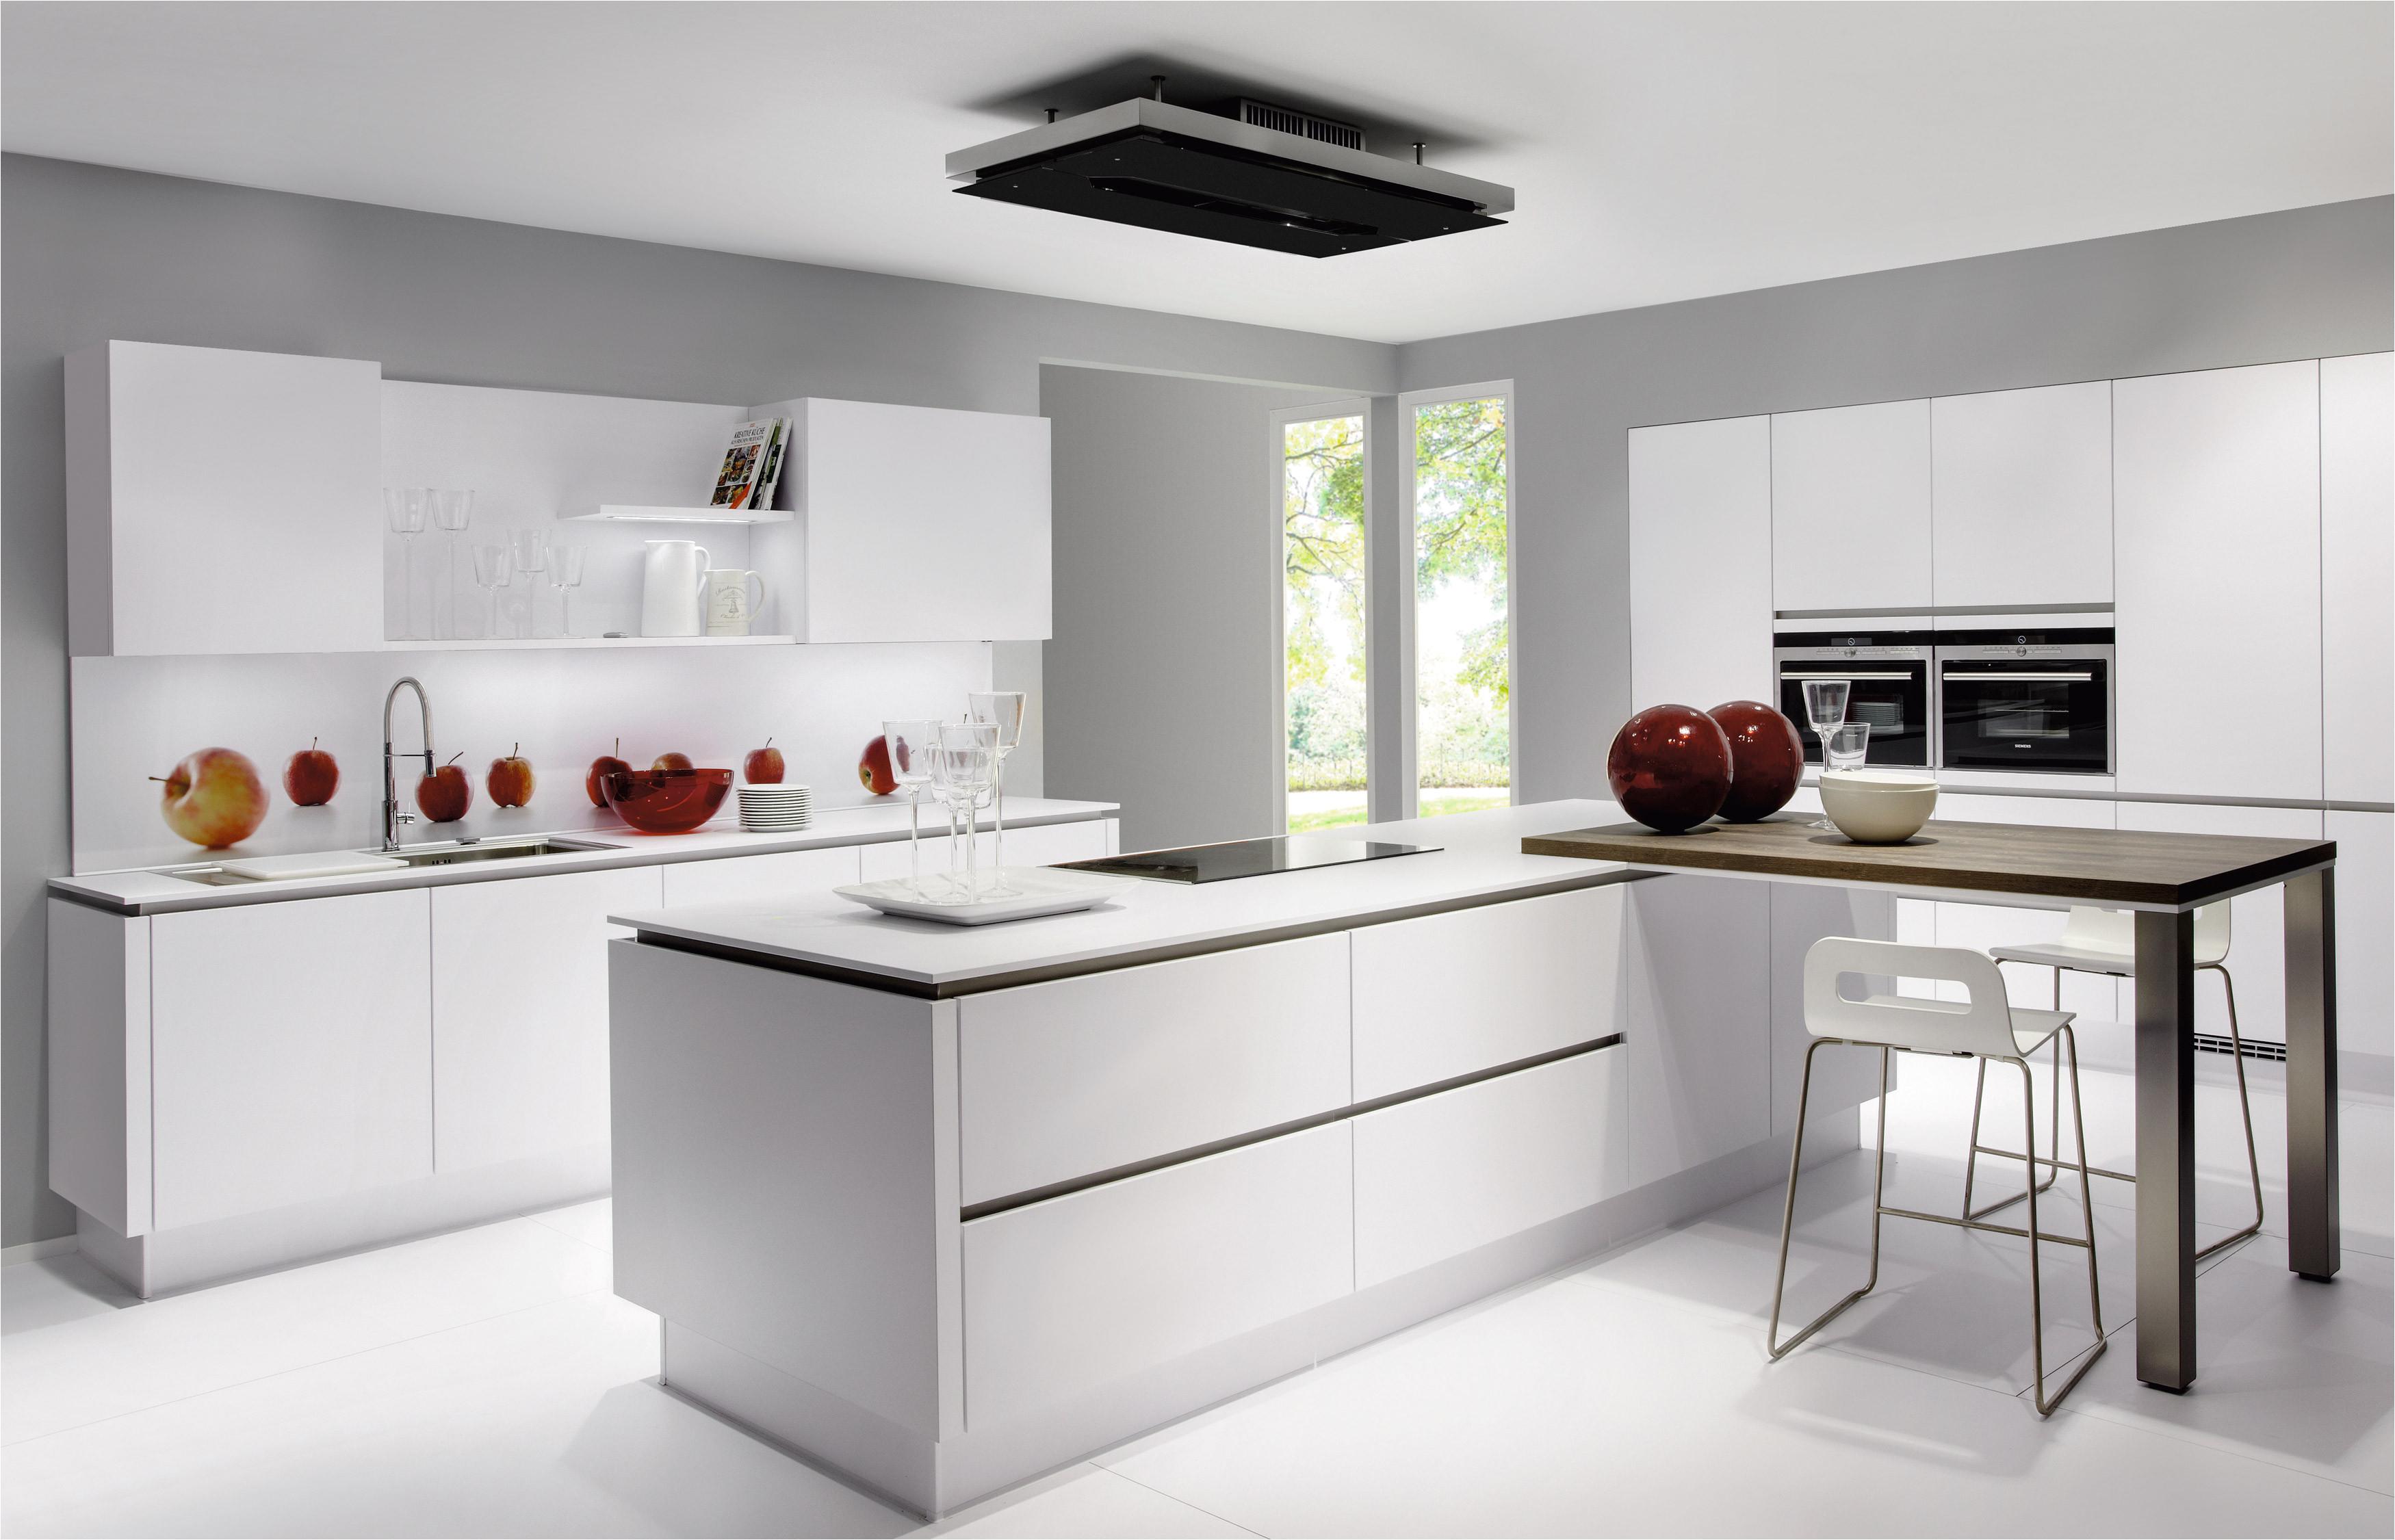 disea os de cocinas modernas elegante muebles de cocina modernos fotos disea os arquitecta nicos mimasku of